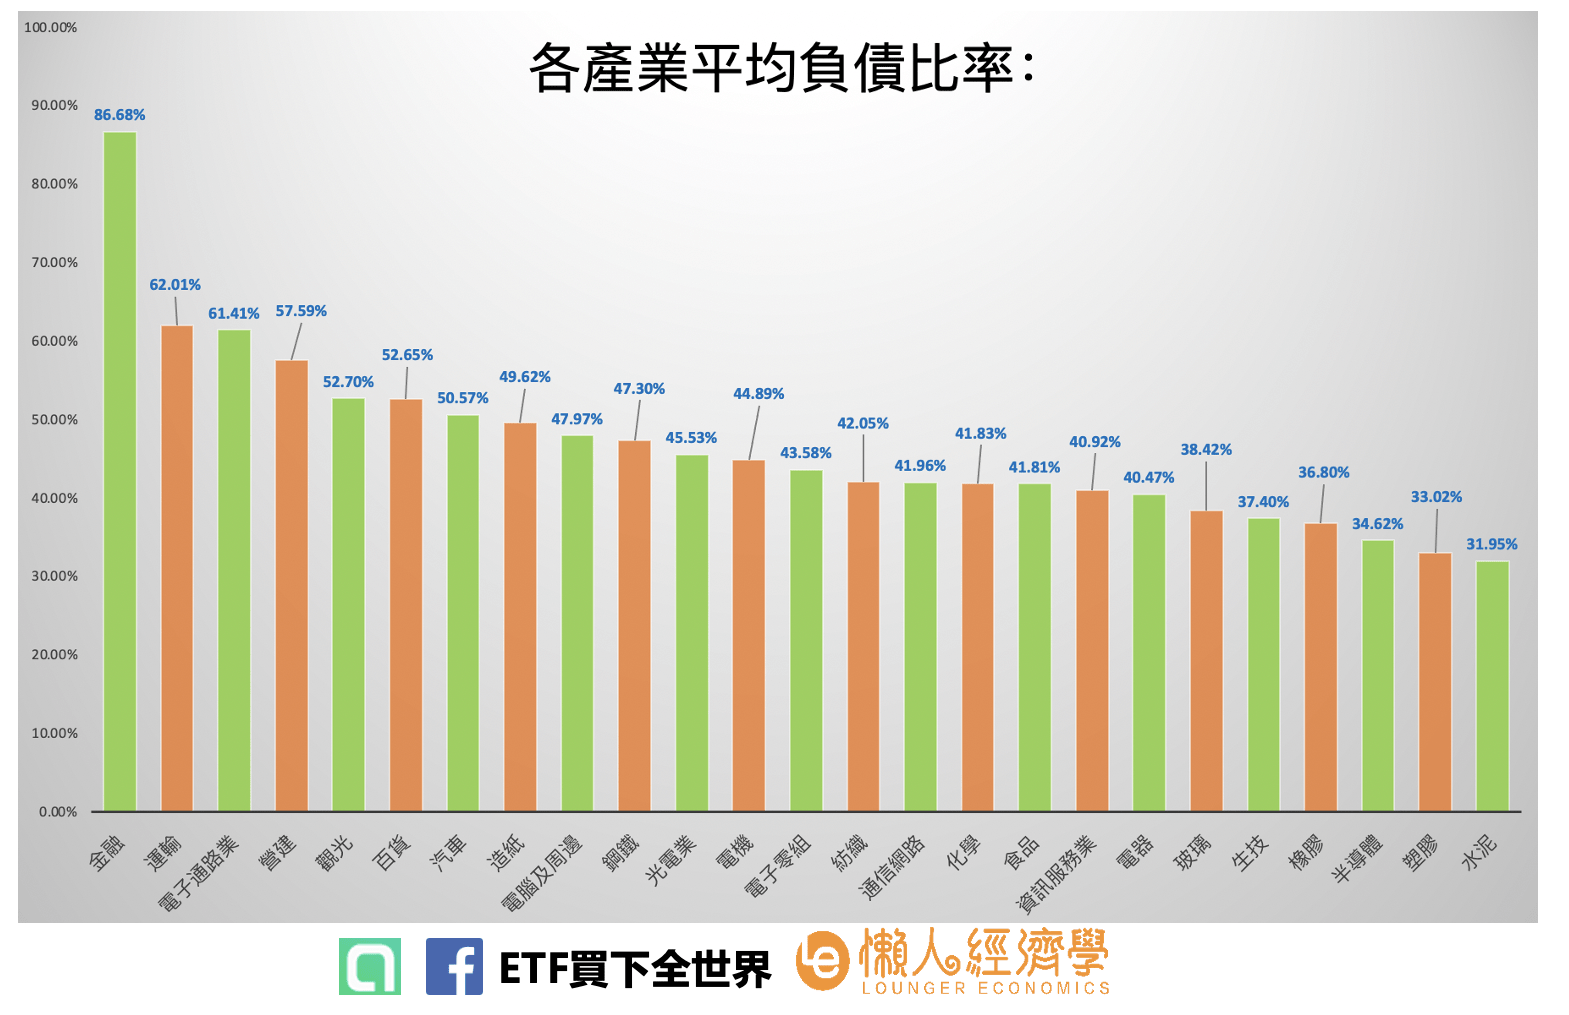 台股各產業平均負債比率